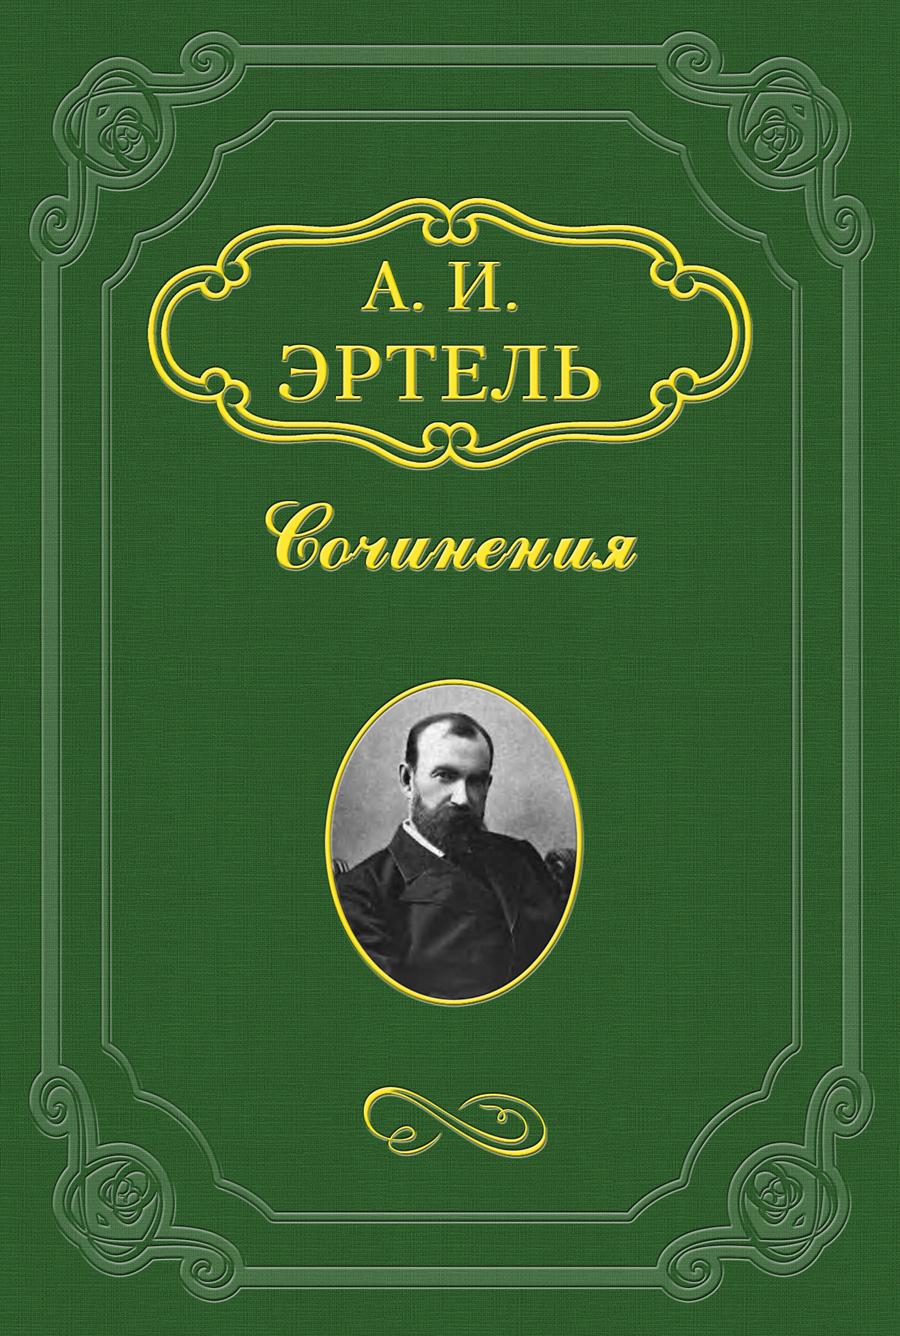 Александр Эртель Степная сторона афанасьев в в родного неба милый свет…